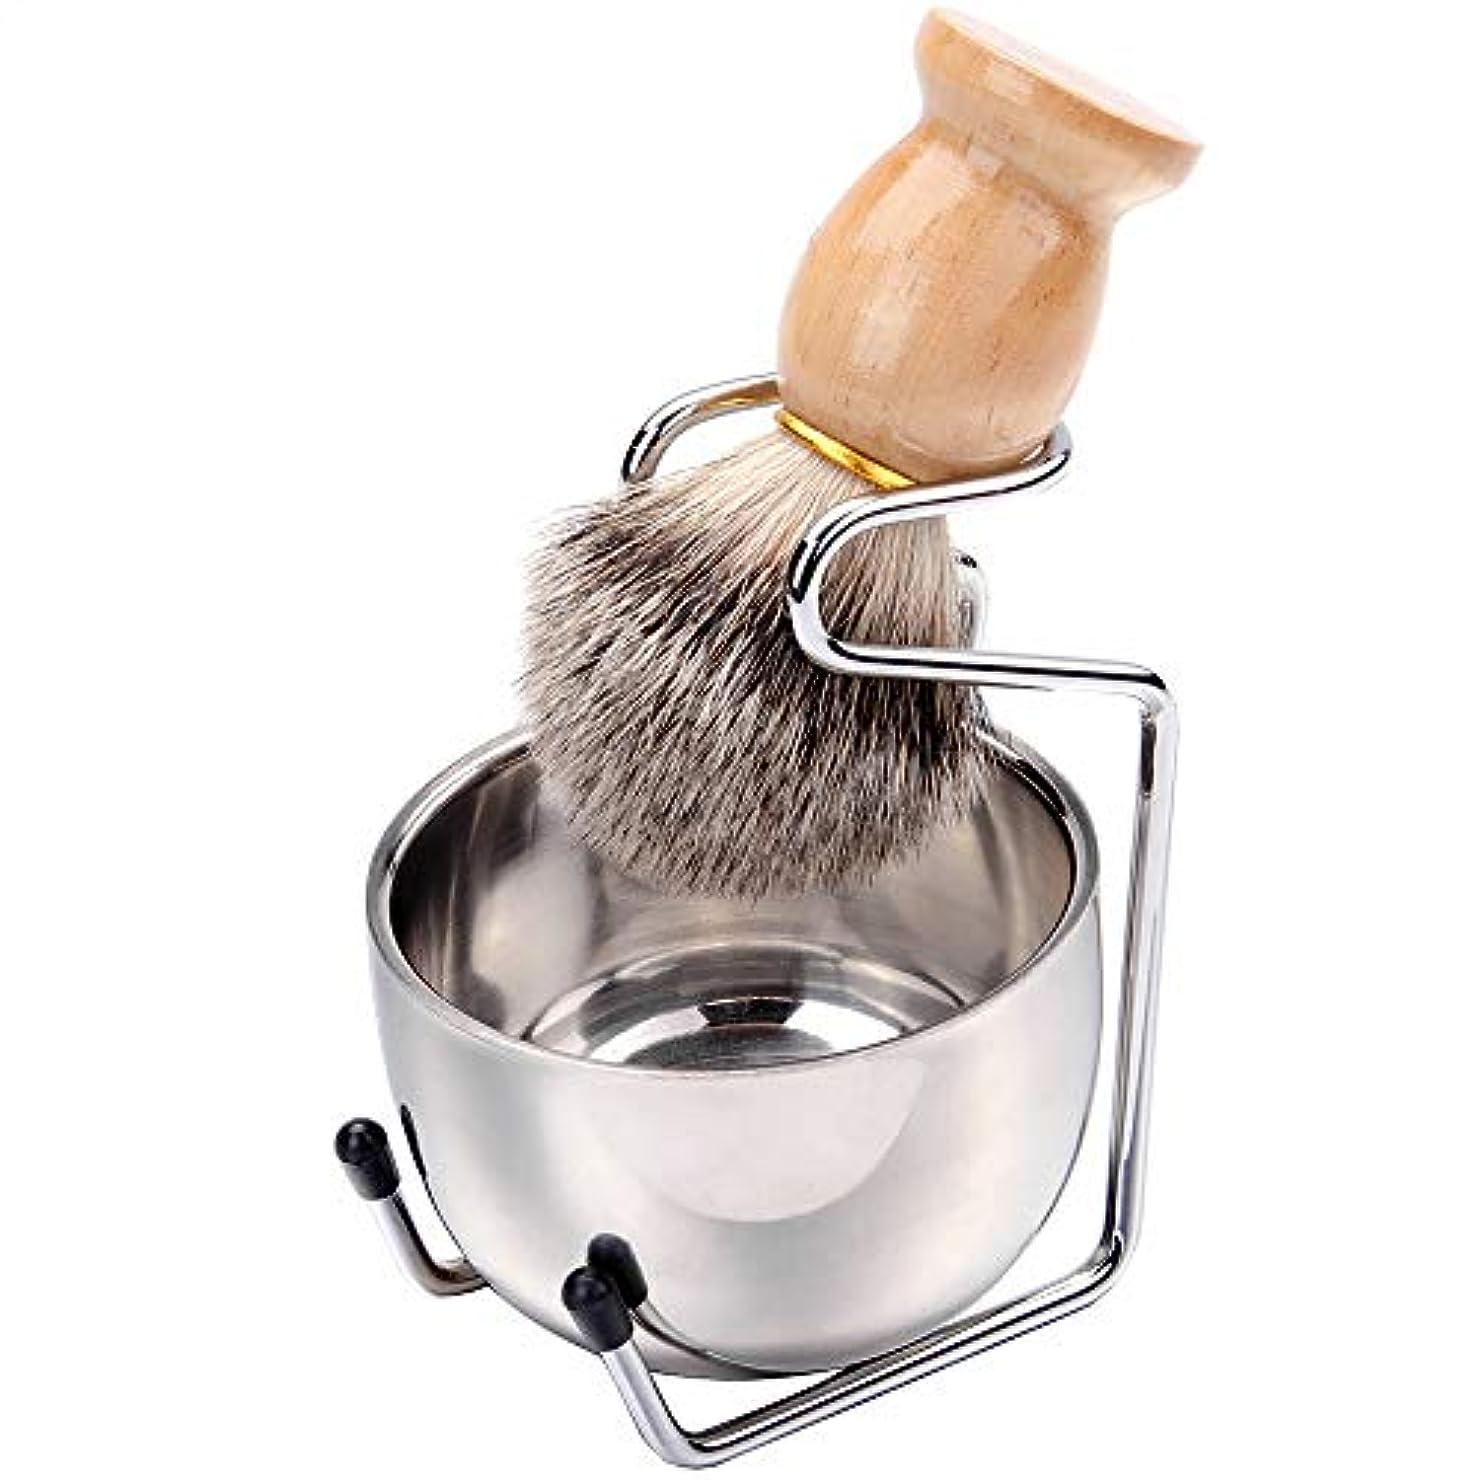 看板暴露雪Men's Shaving Tool, 3-piece Beard Care Set Soap Bowl Hanger Brush Facial